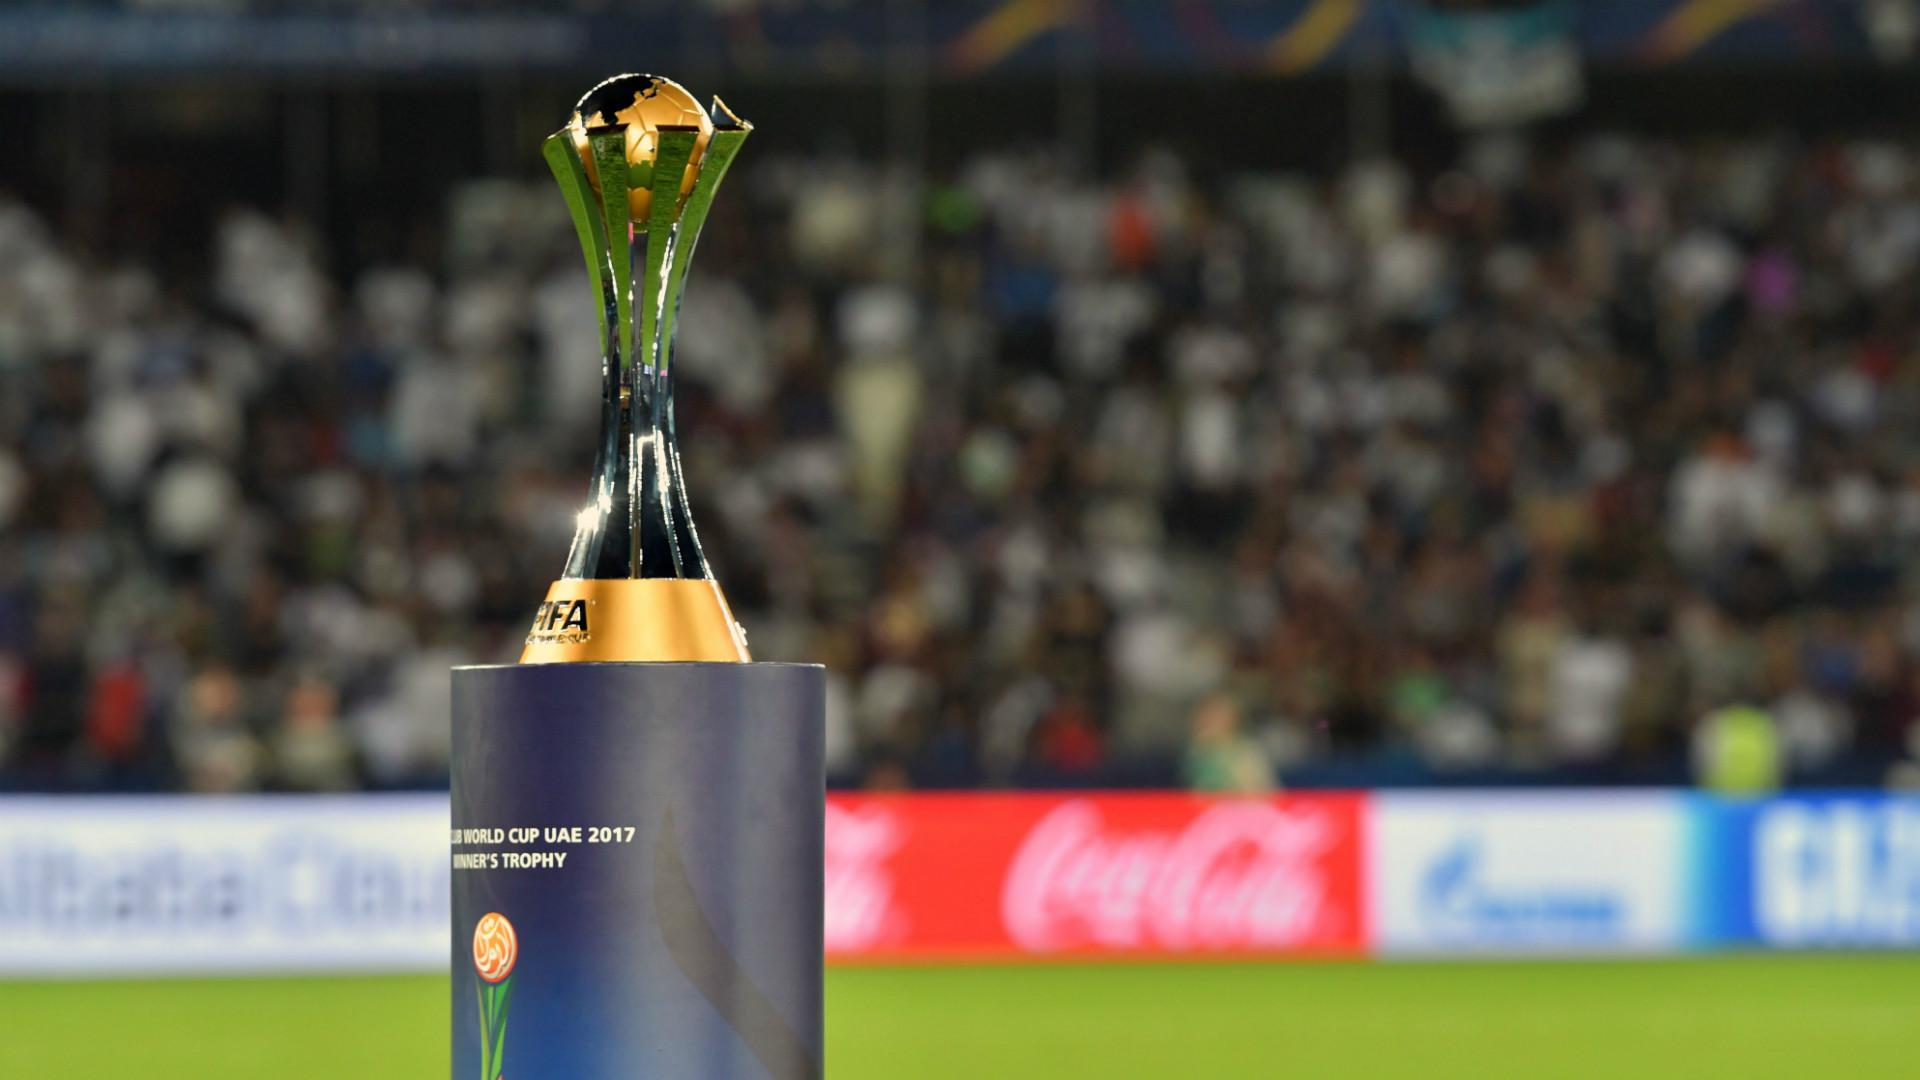 Mondiali per Club 2021 in Cina a 24 squadre: ecco chi parteciperà